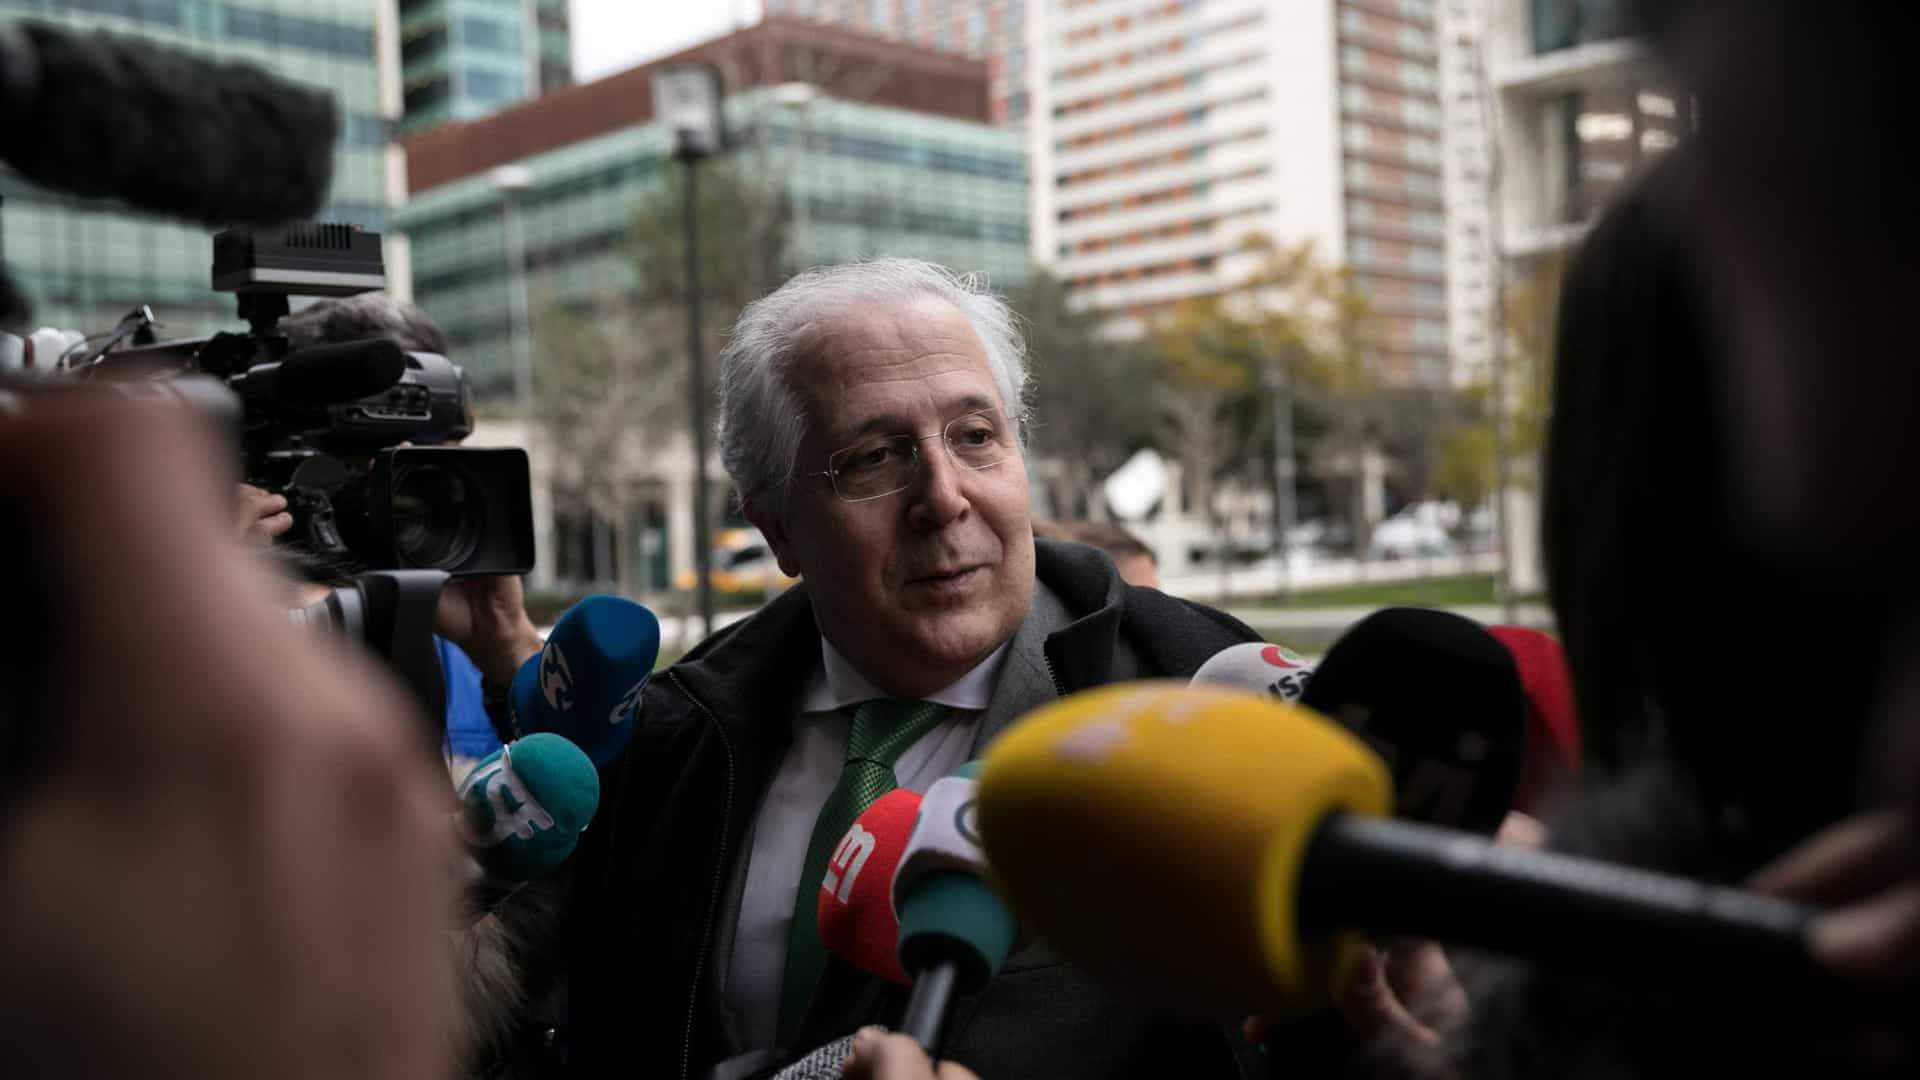 Orlando Figueira fala em denegação de justiça e vai recorrer da decisão